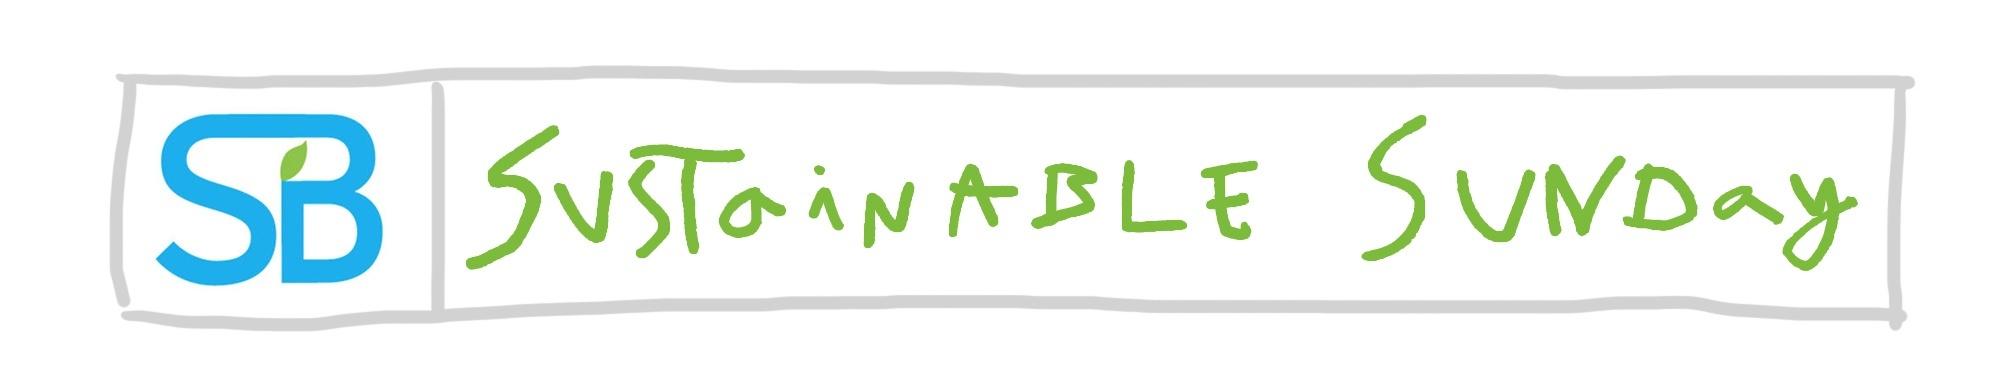 sustainable-sunday-barcelona